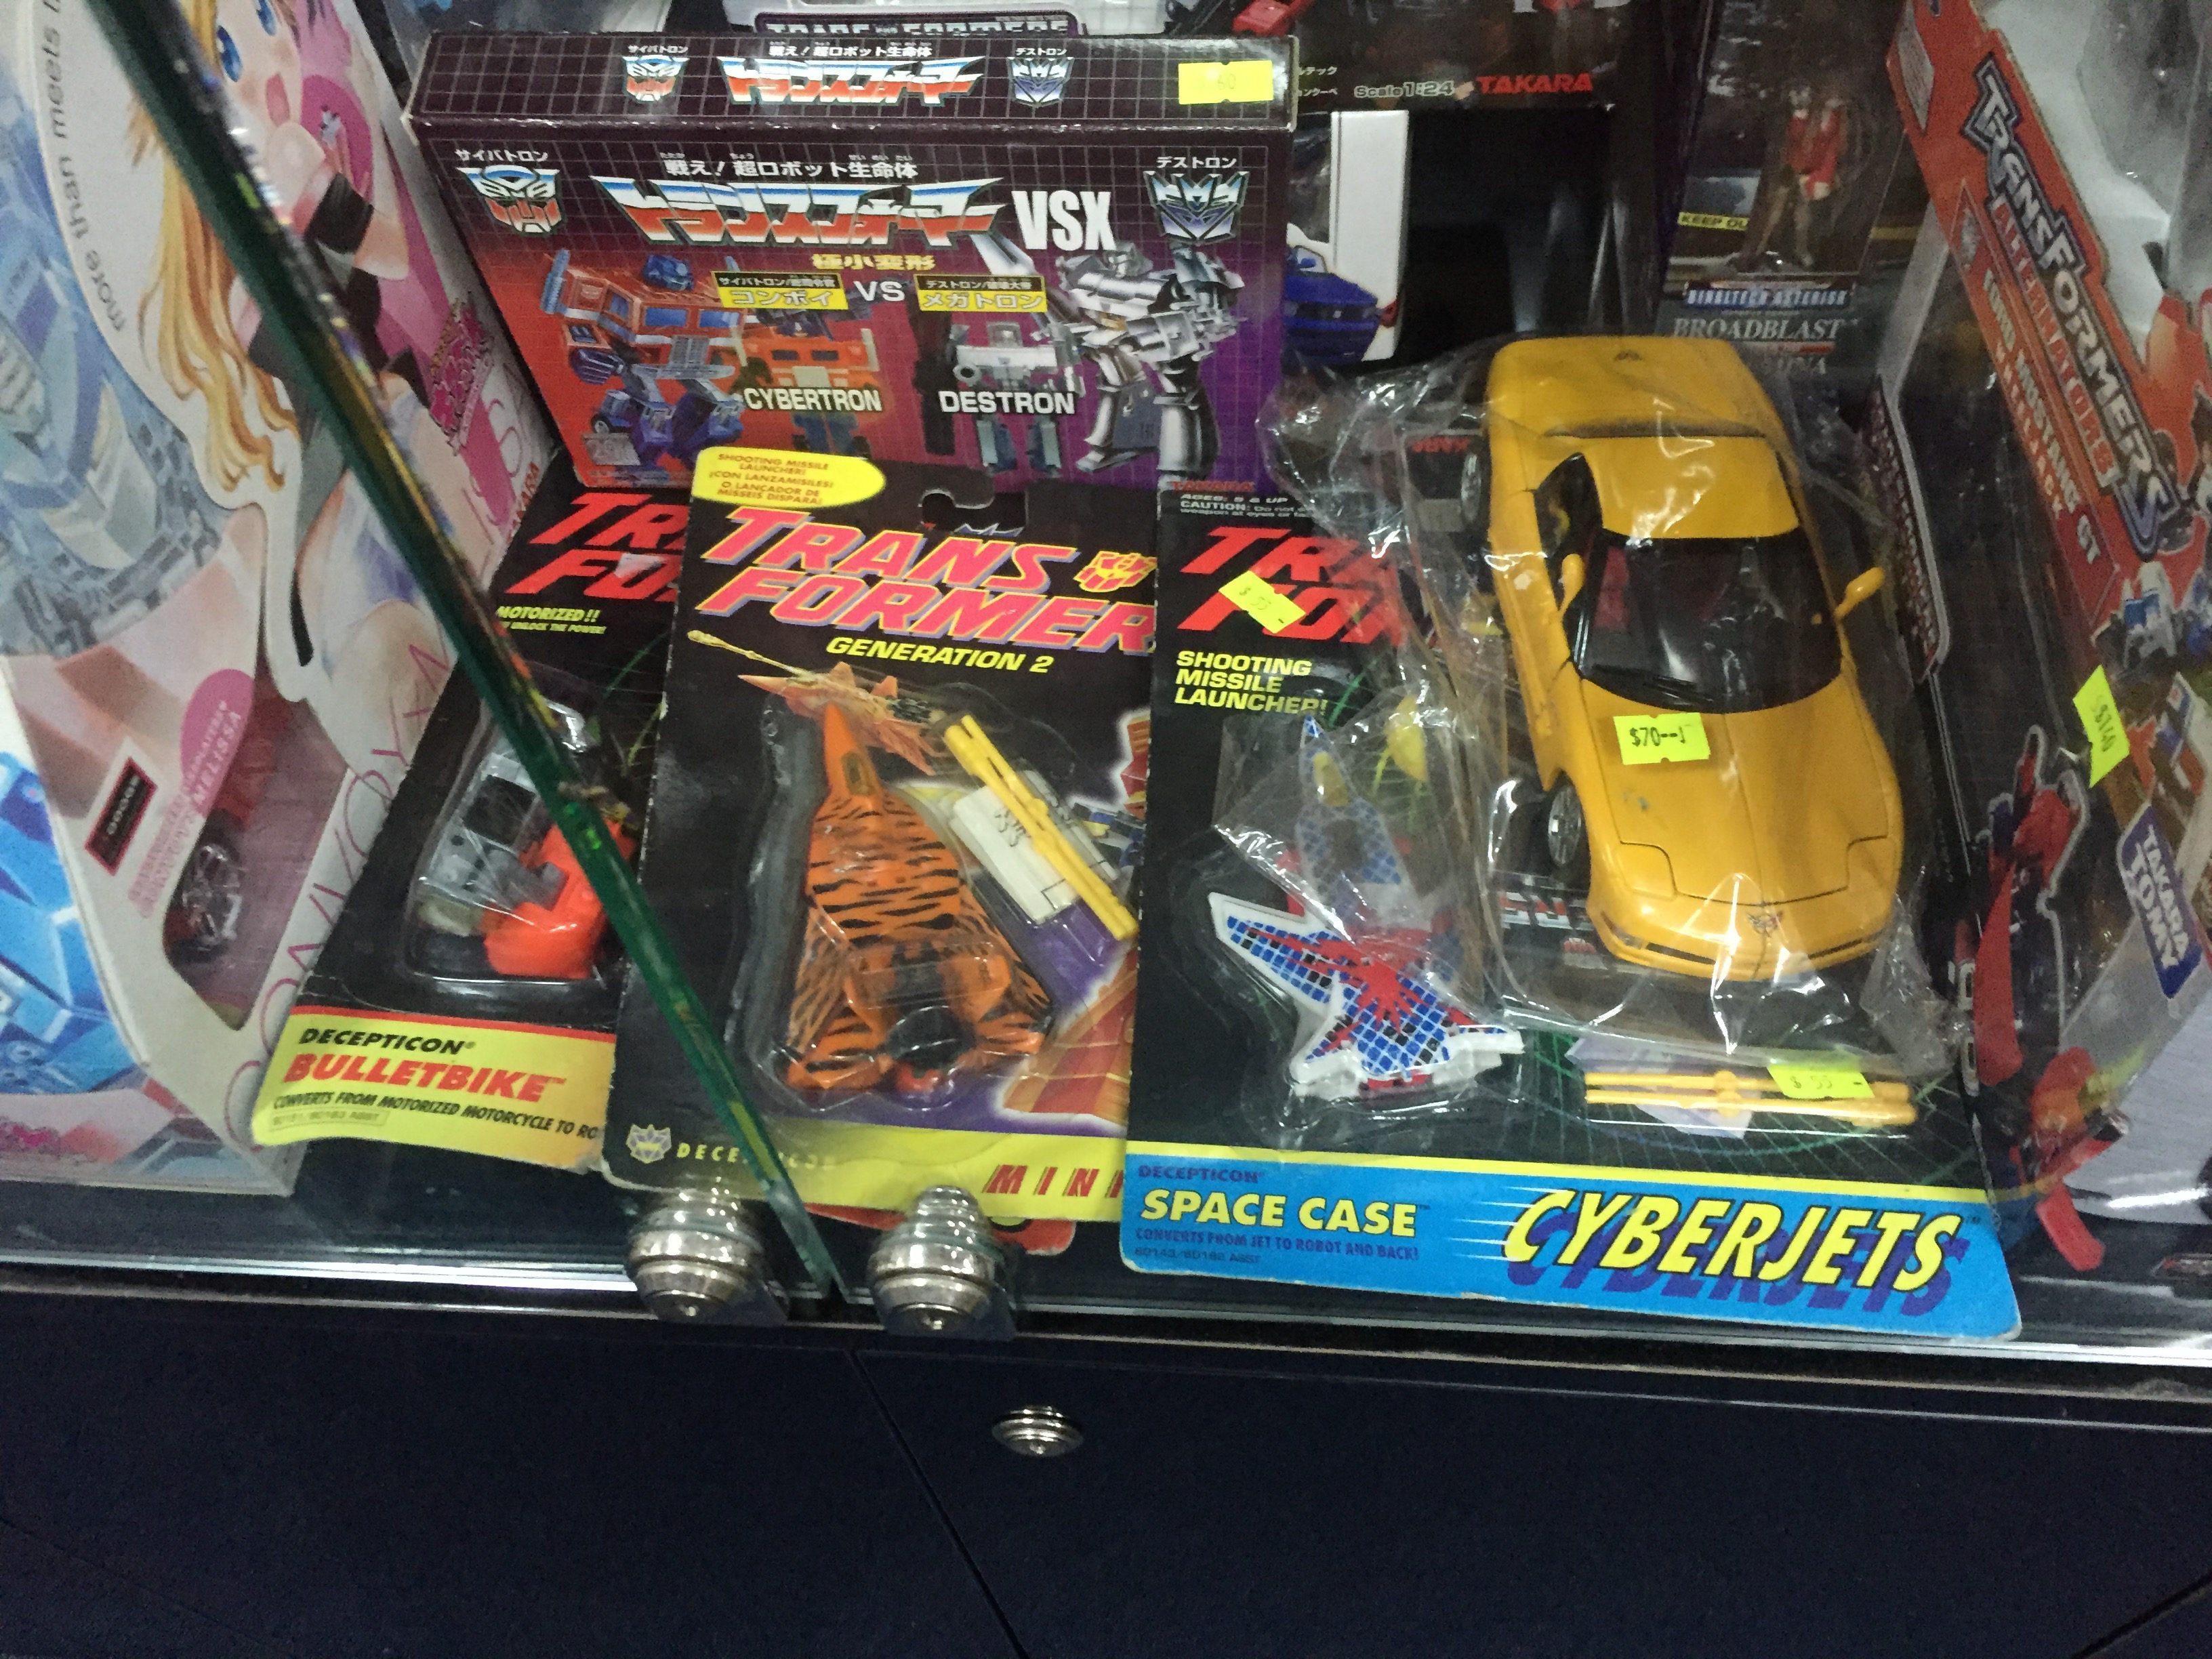 G2 Transformers at Robo Robo.